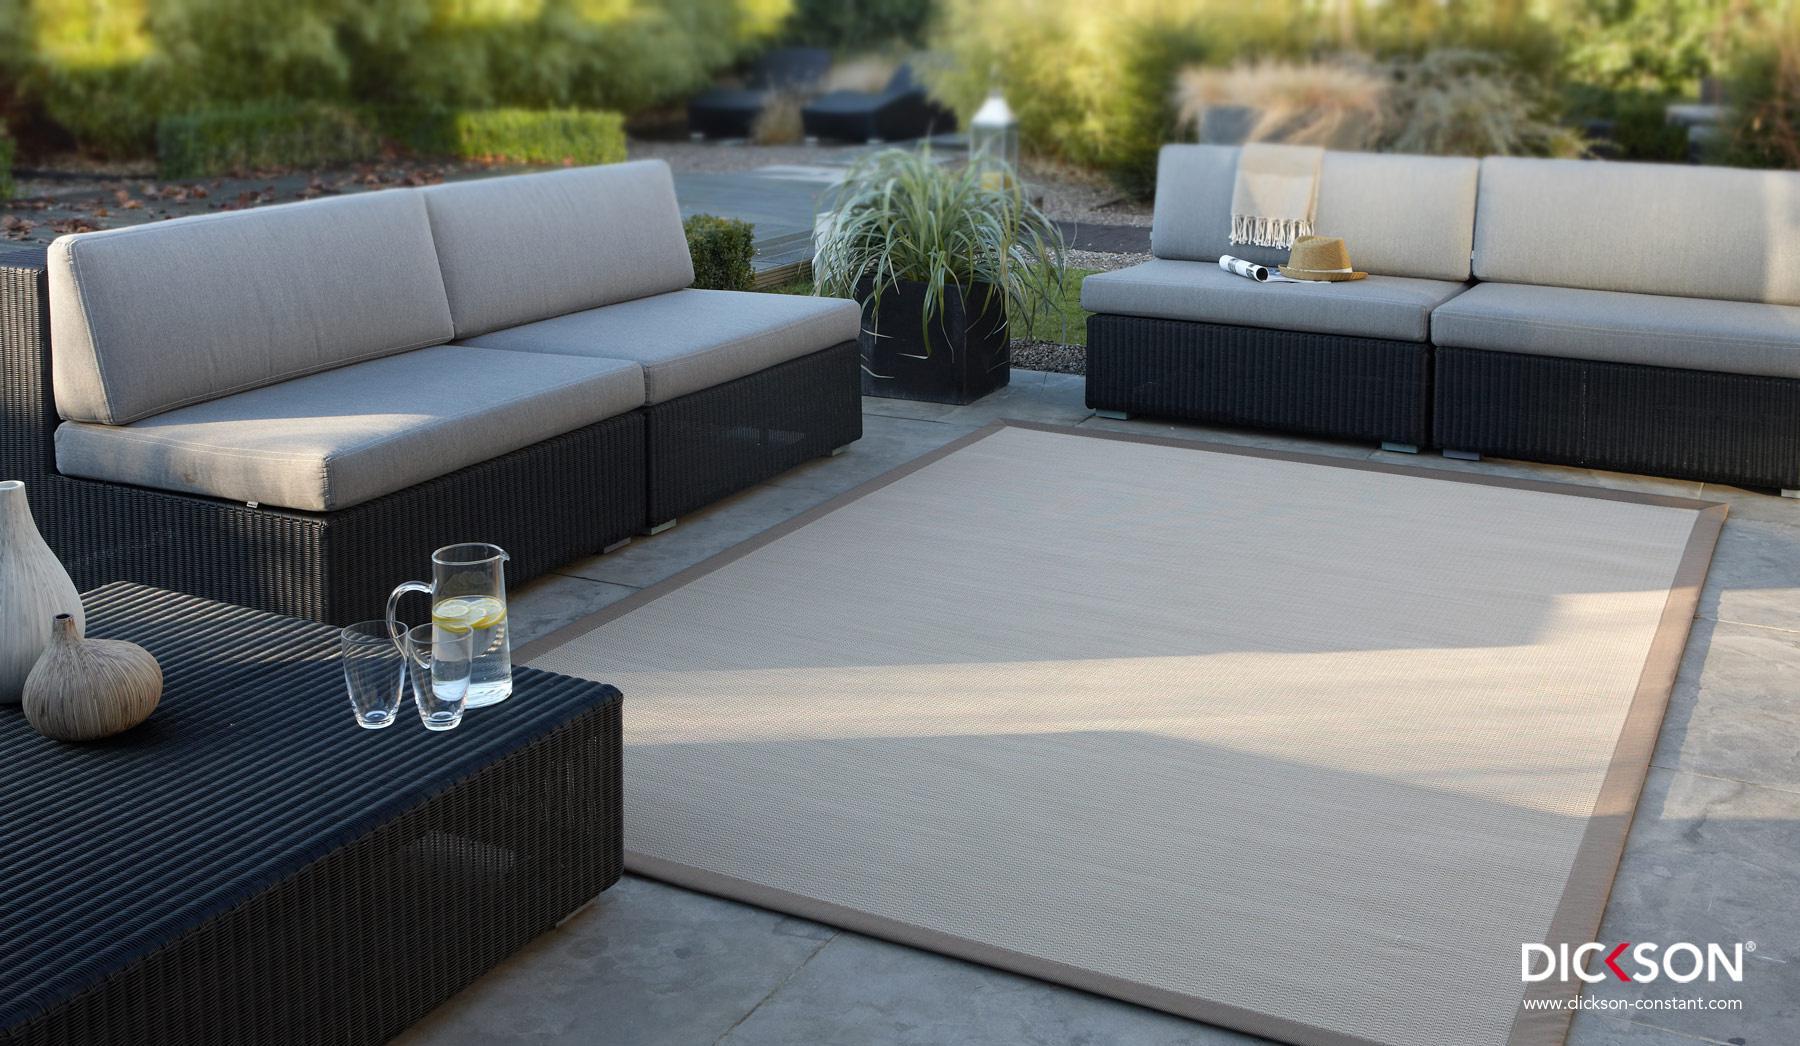 Dickson® Indoor & Outdoor rugs